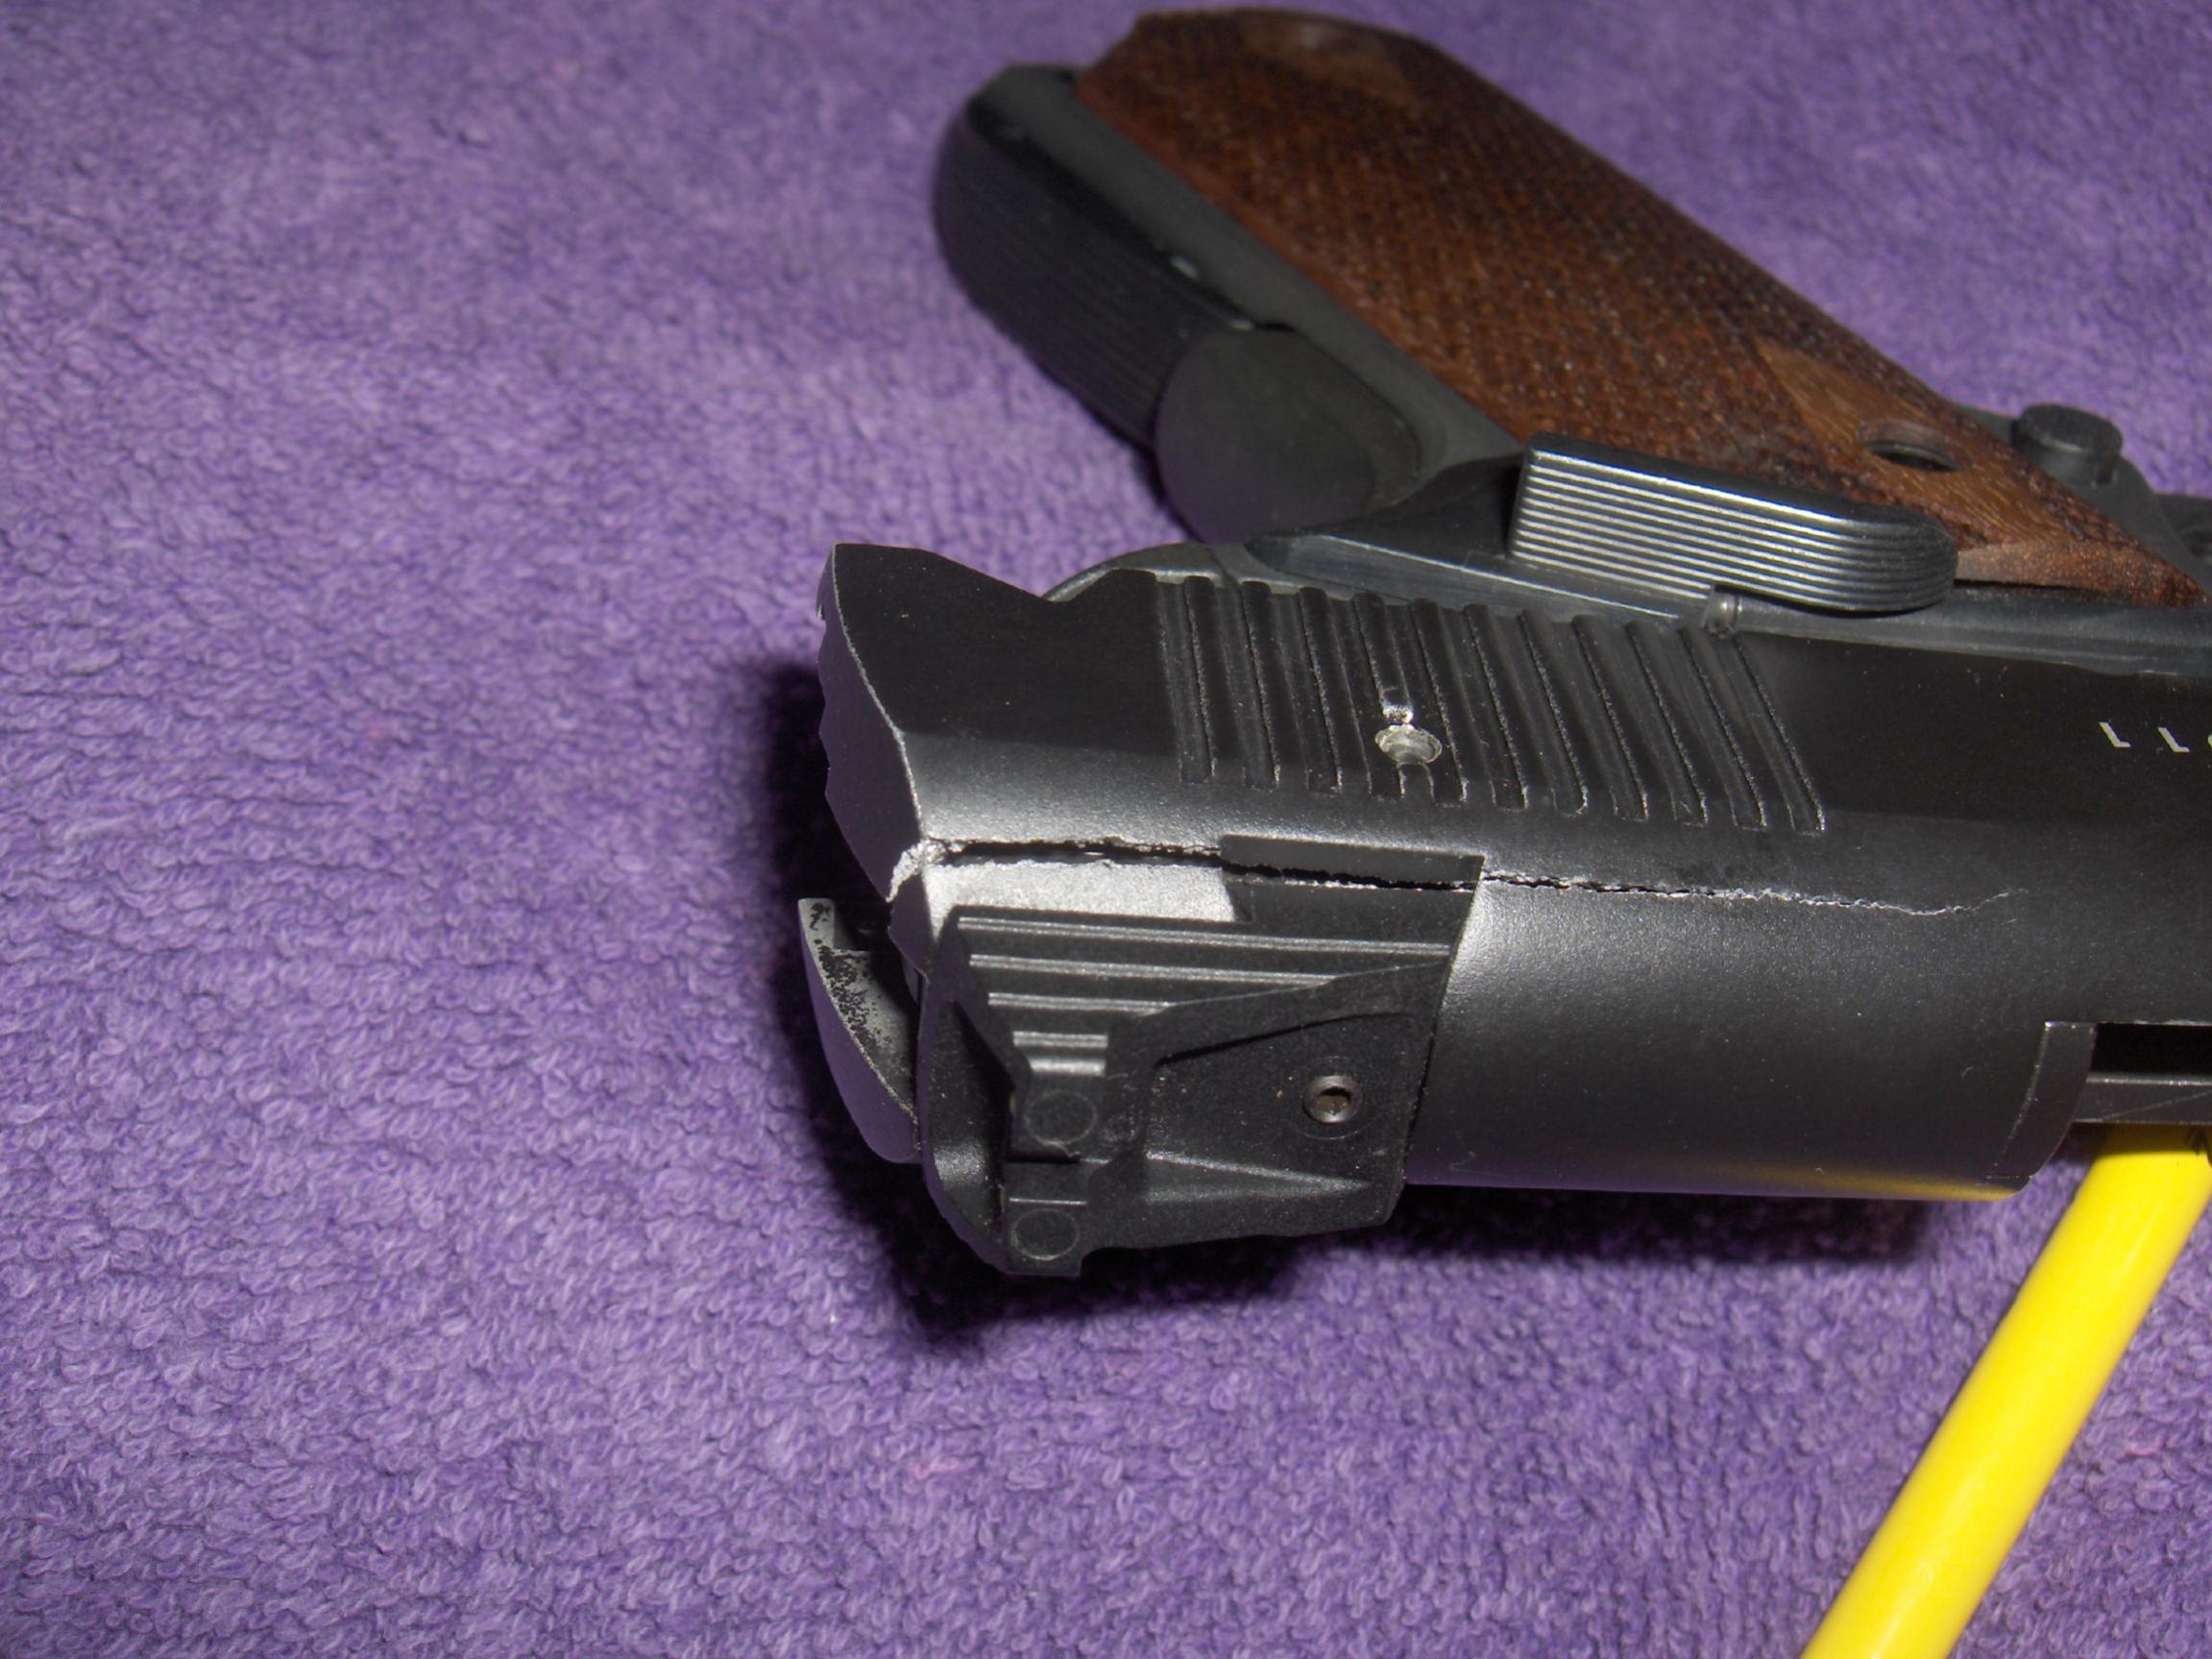 Gsg 1911 22  slide cracked-hpim0646.jpg